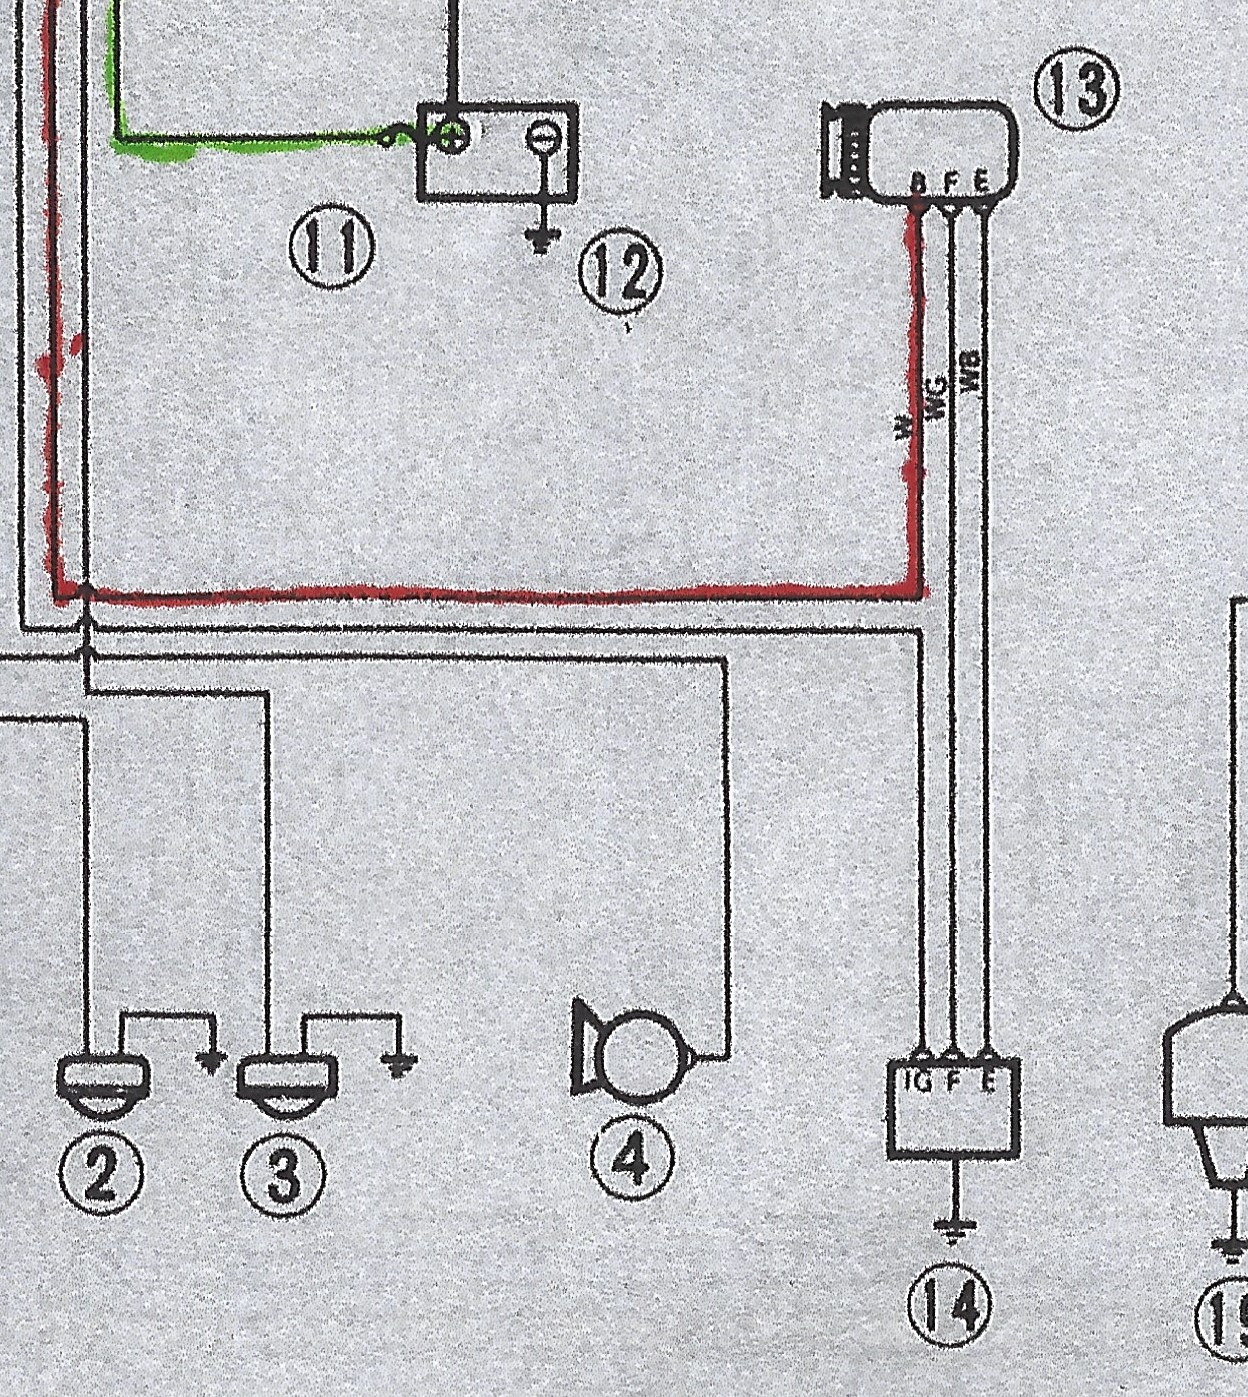 Externally Regulated New Alternator  Regulator  Ammeter Wiring